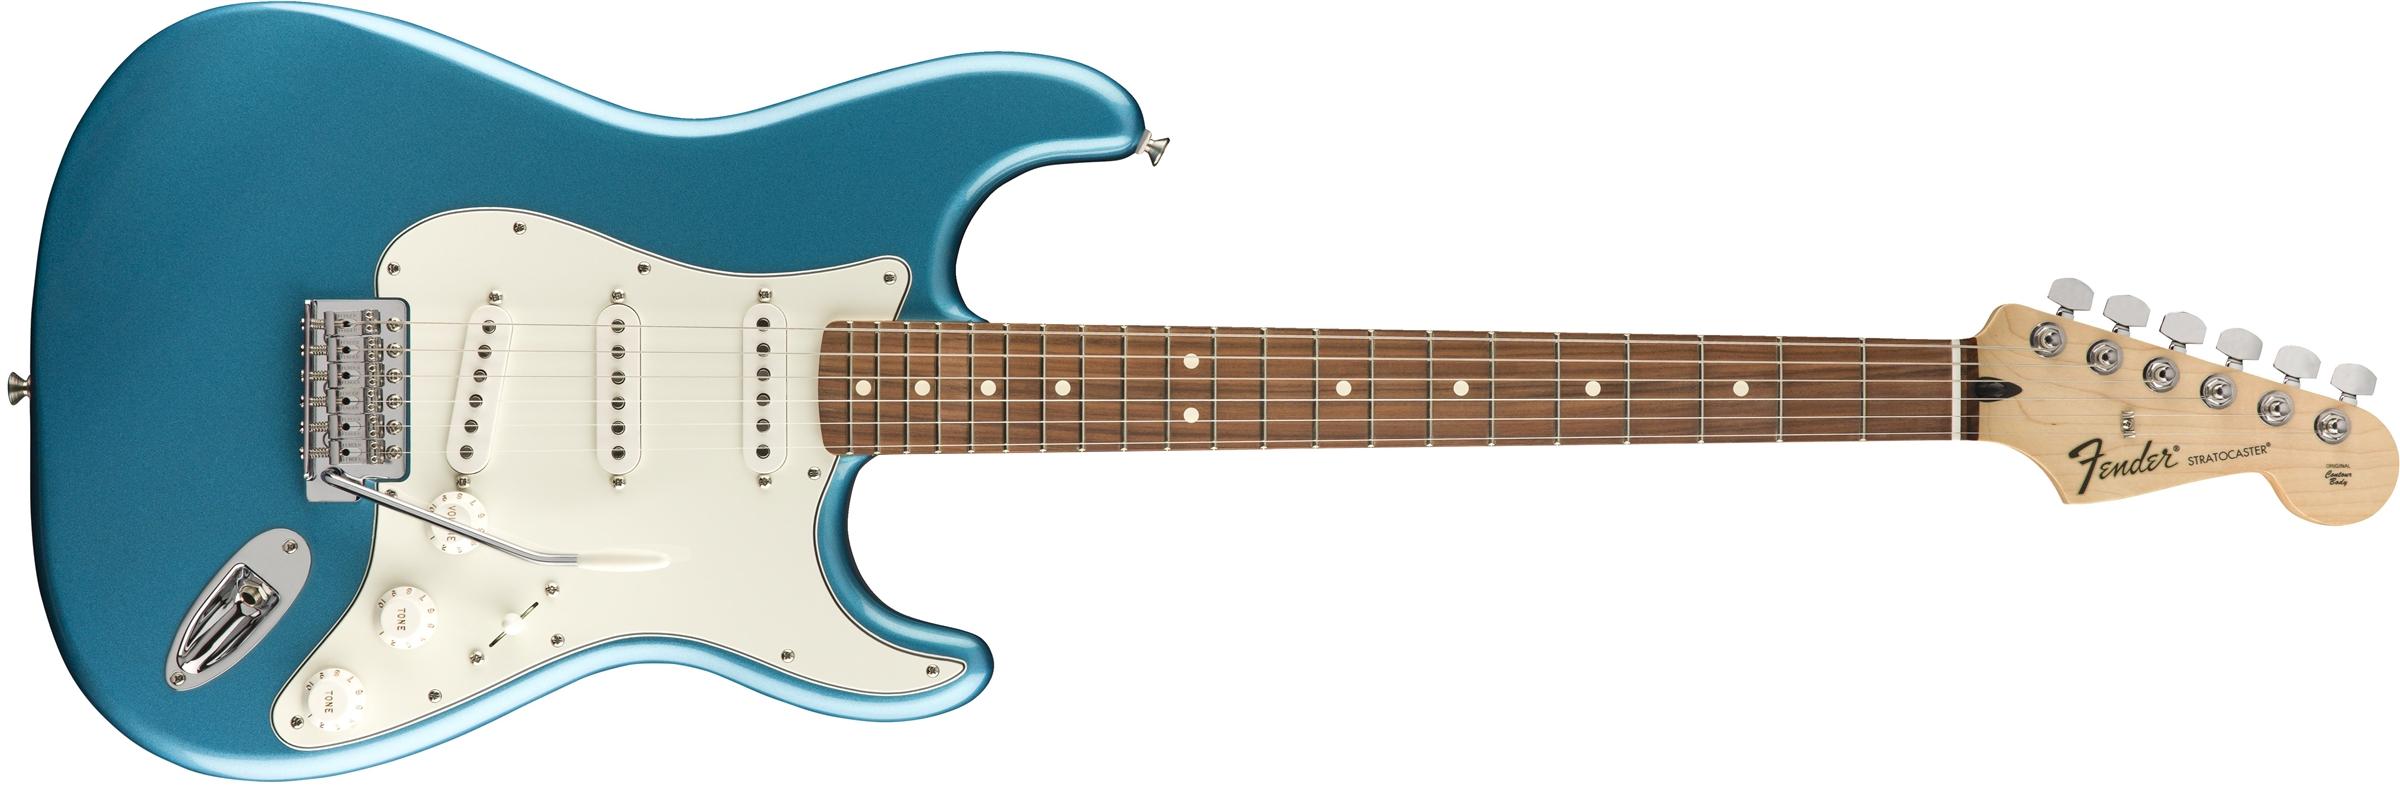 standard stratocaster fender electric guitars. Black Bedroom Furniture Sets. Home Design Ideas